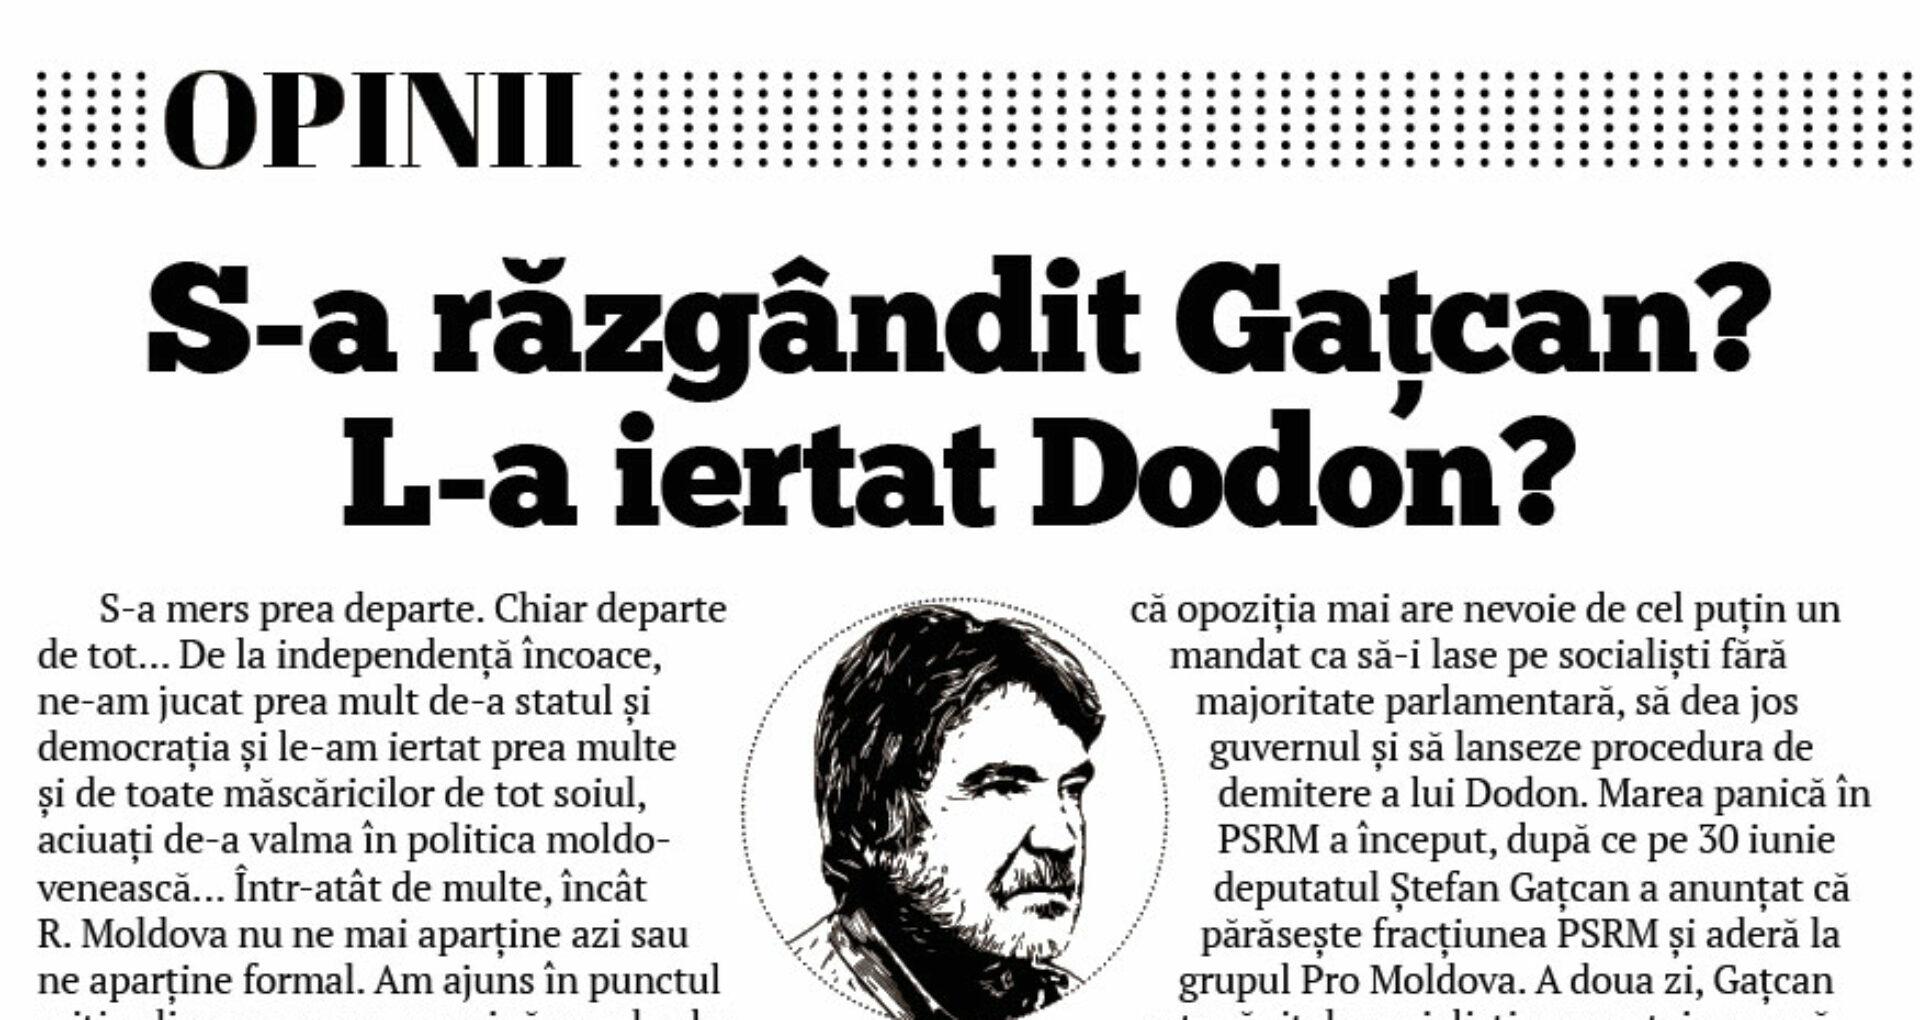 S-a răzgândit Gațcan? L-a iertat Dodon?